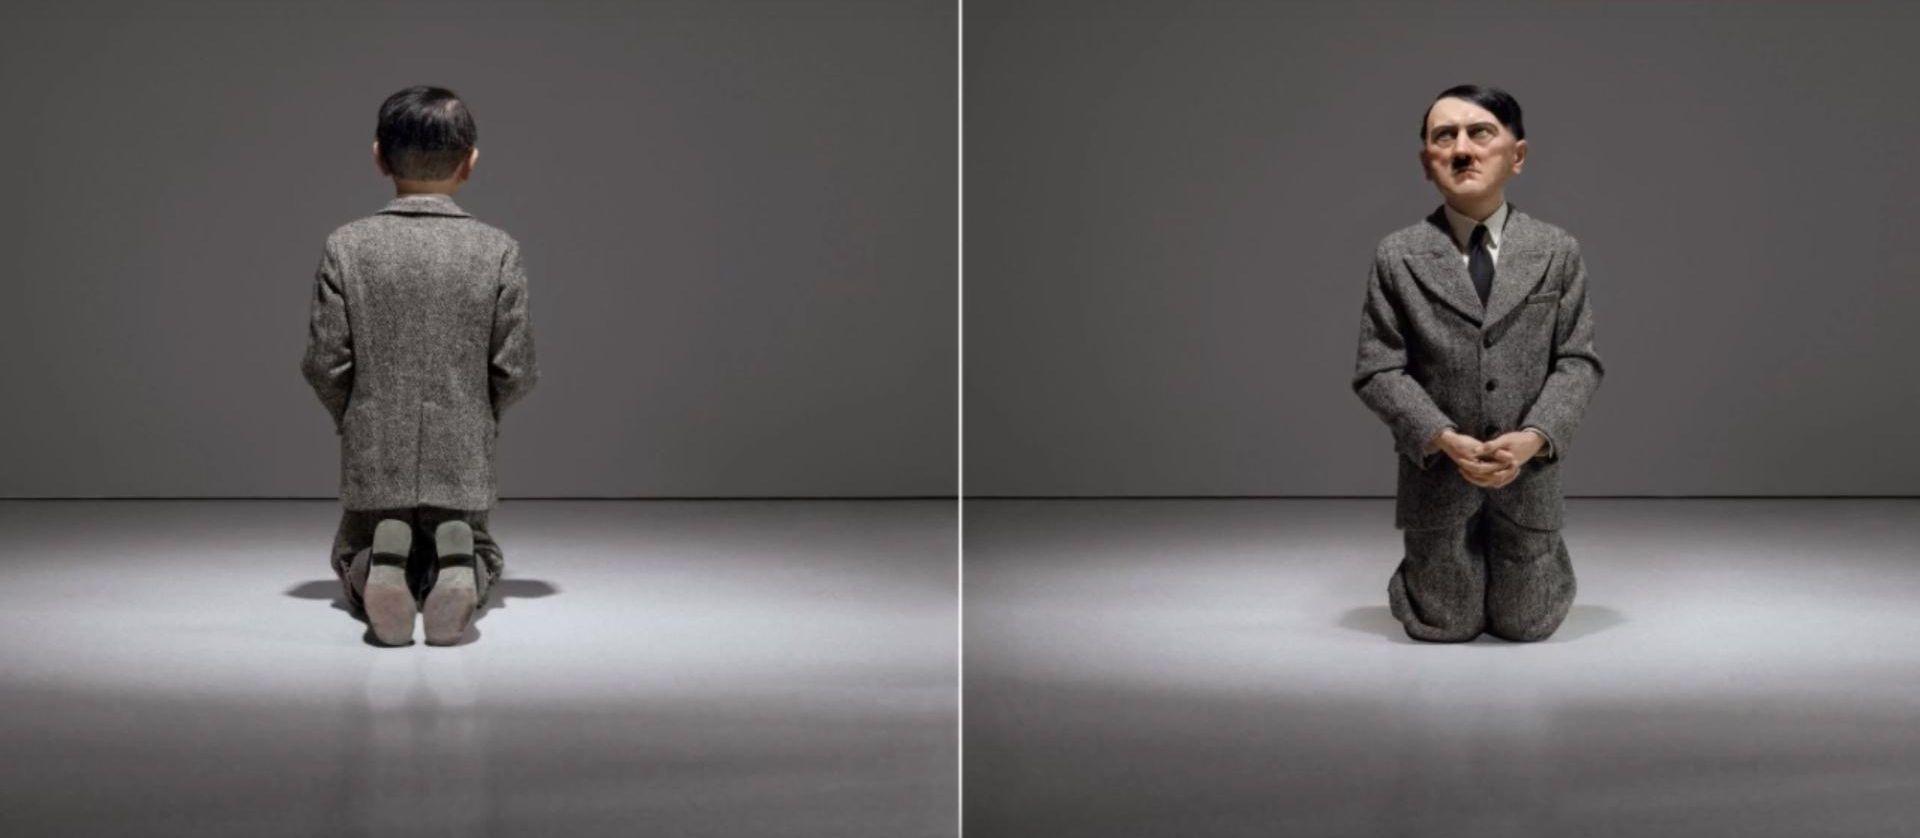 'ON' Skulptura Hitlera koji kleči prodana za 17.2 milijuna dolara